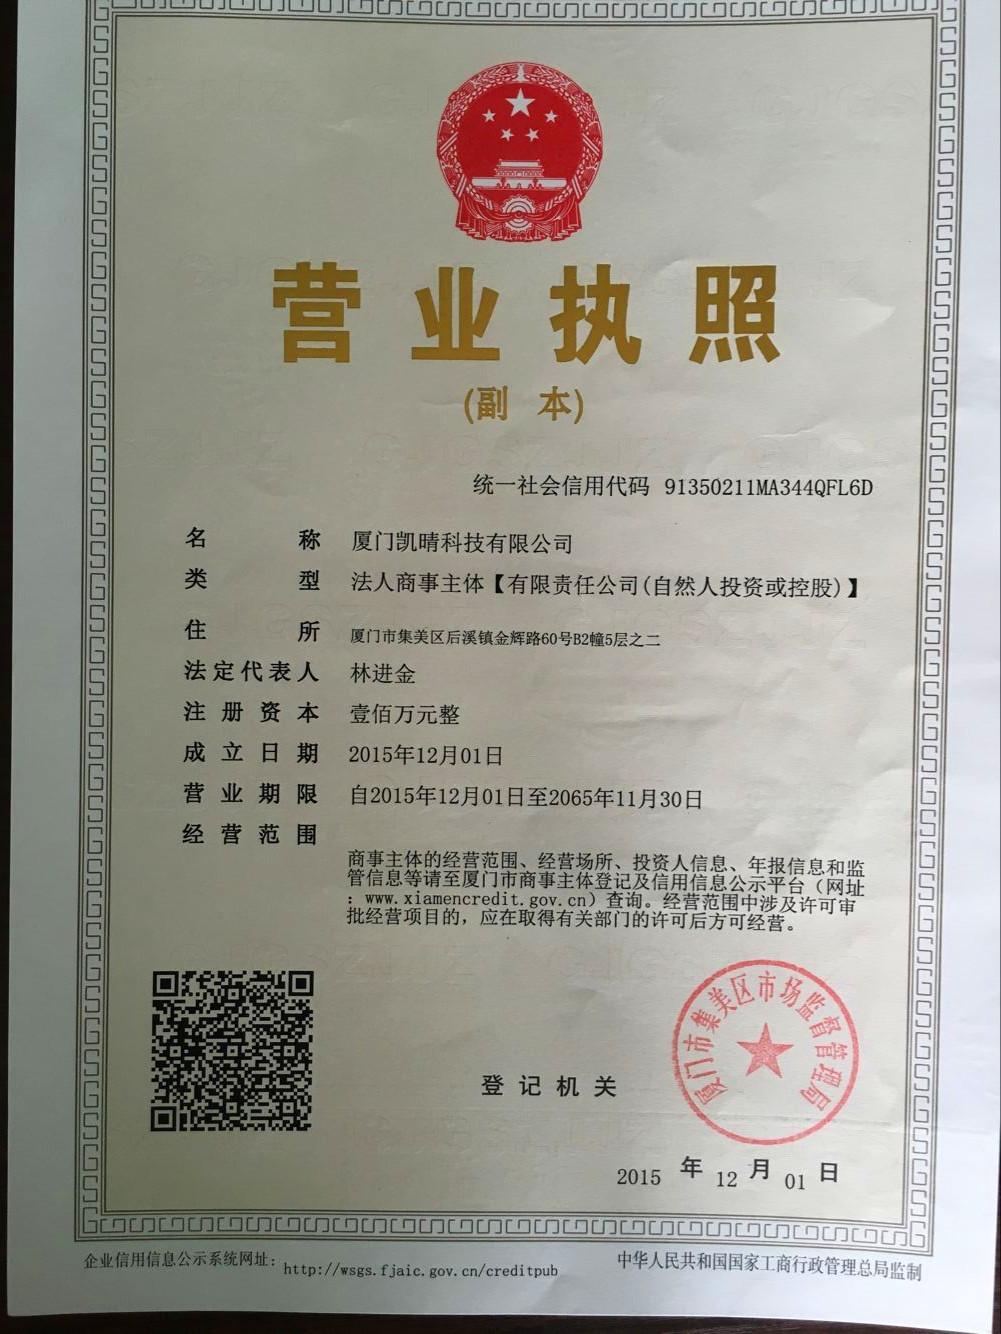 Social credit code license